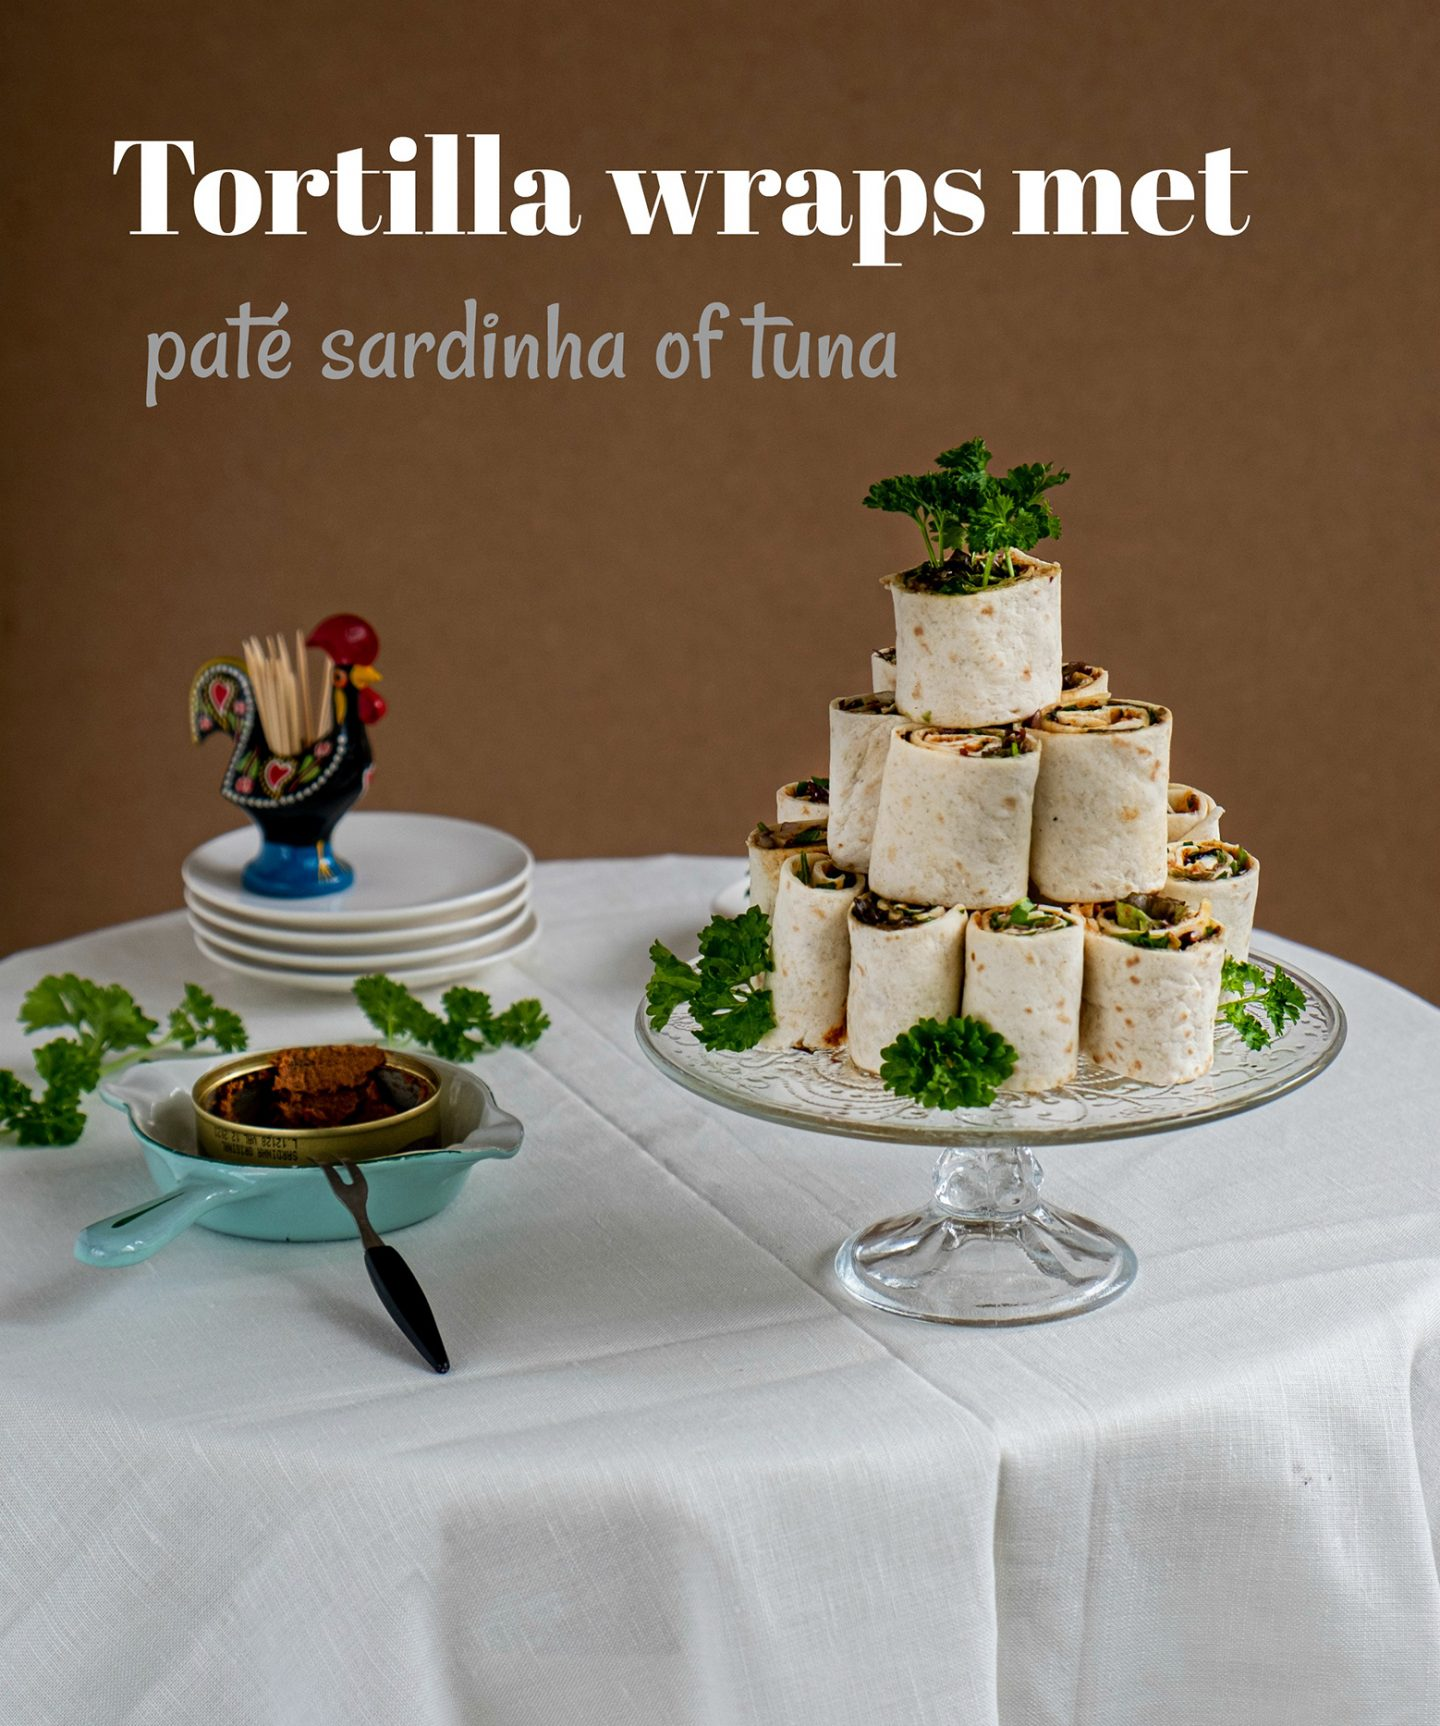 Pin: Tortilla wraps met paté sardinha of tuna – Hartige hapjes